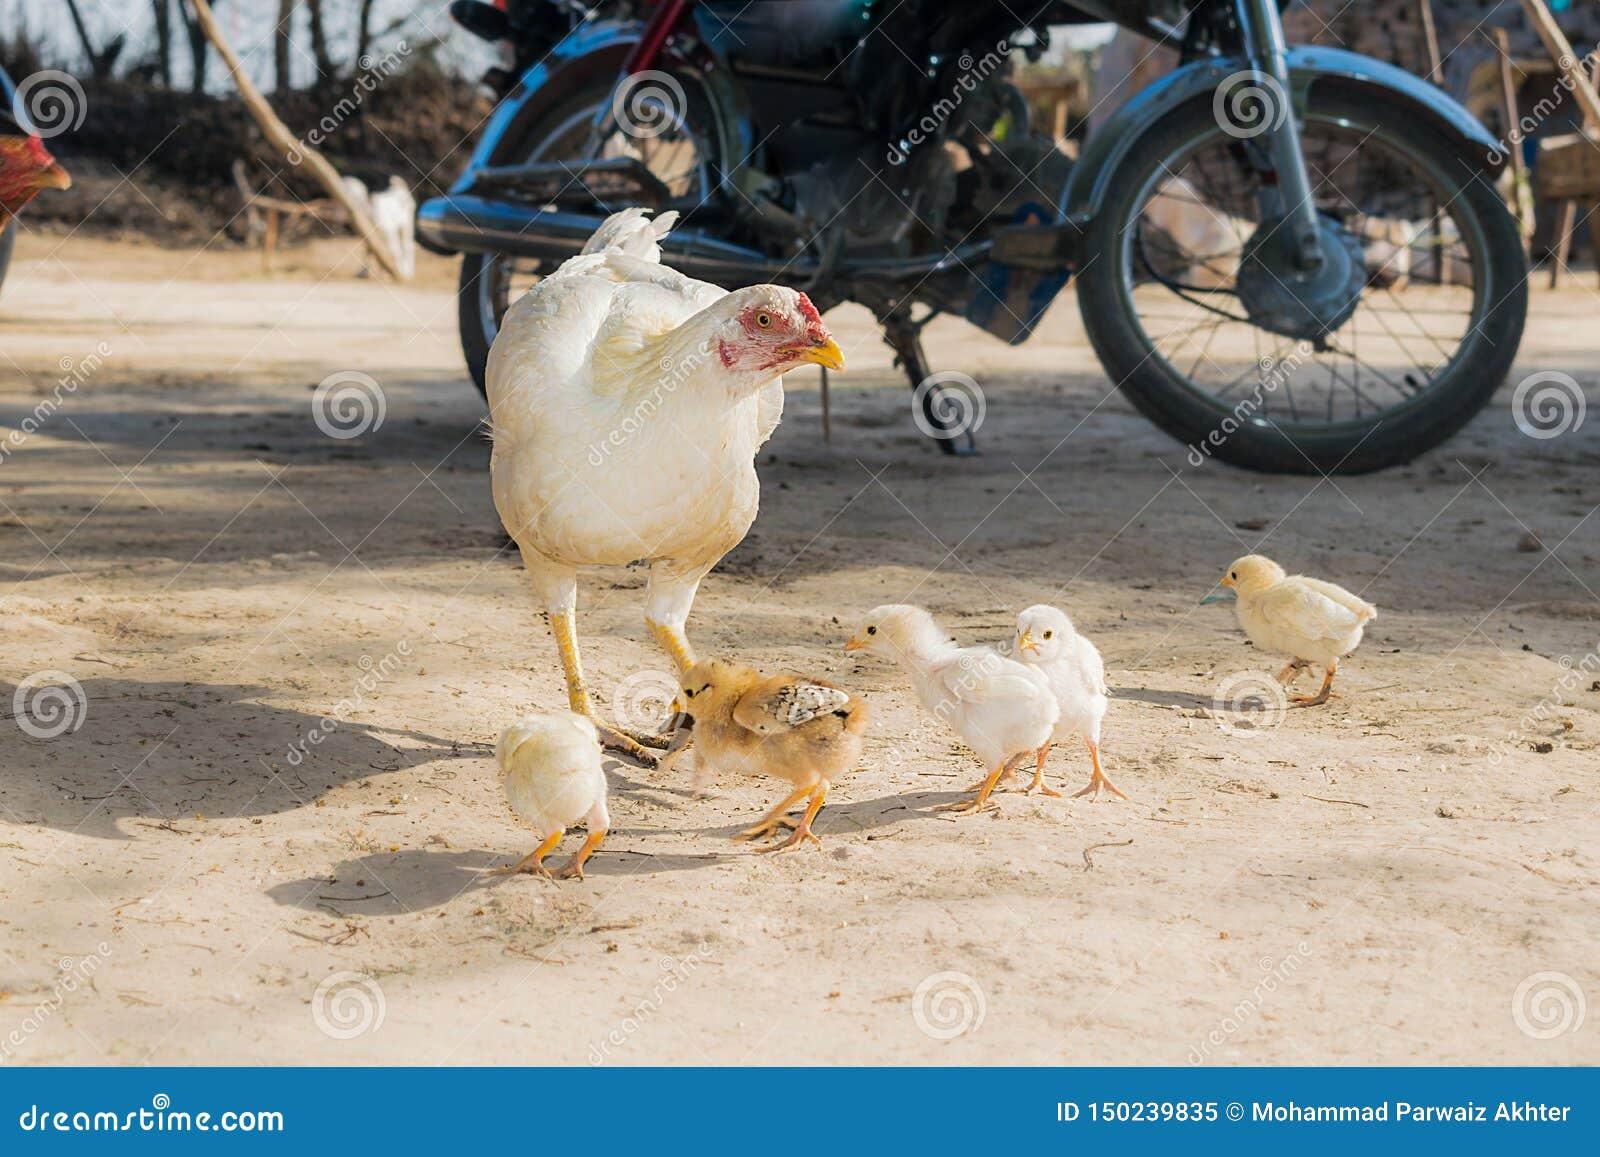 Une poule blanche femelle alimentant ses petits poussins